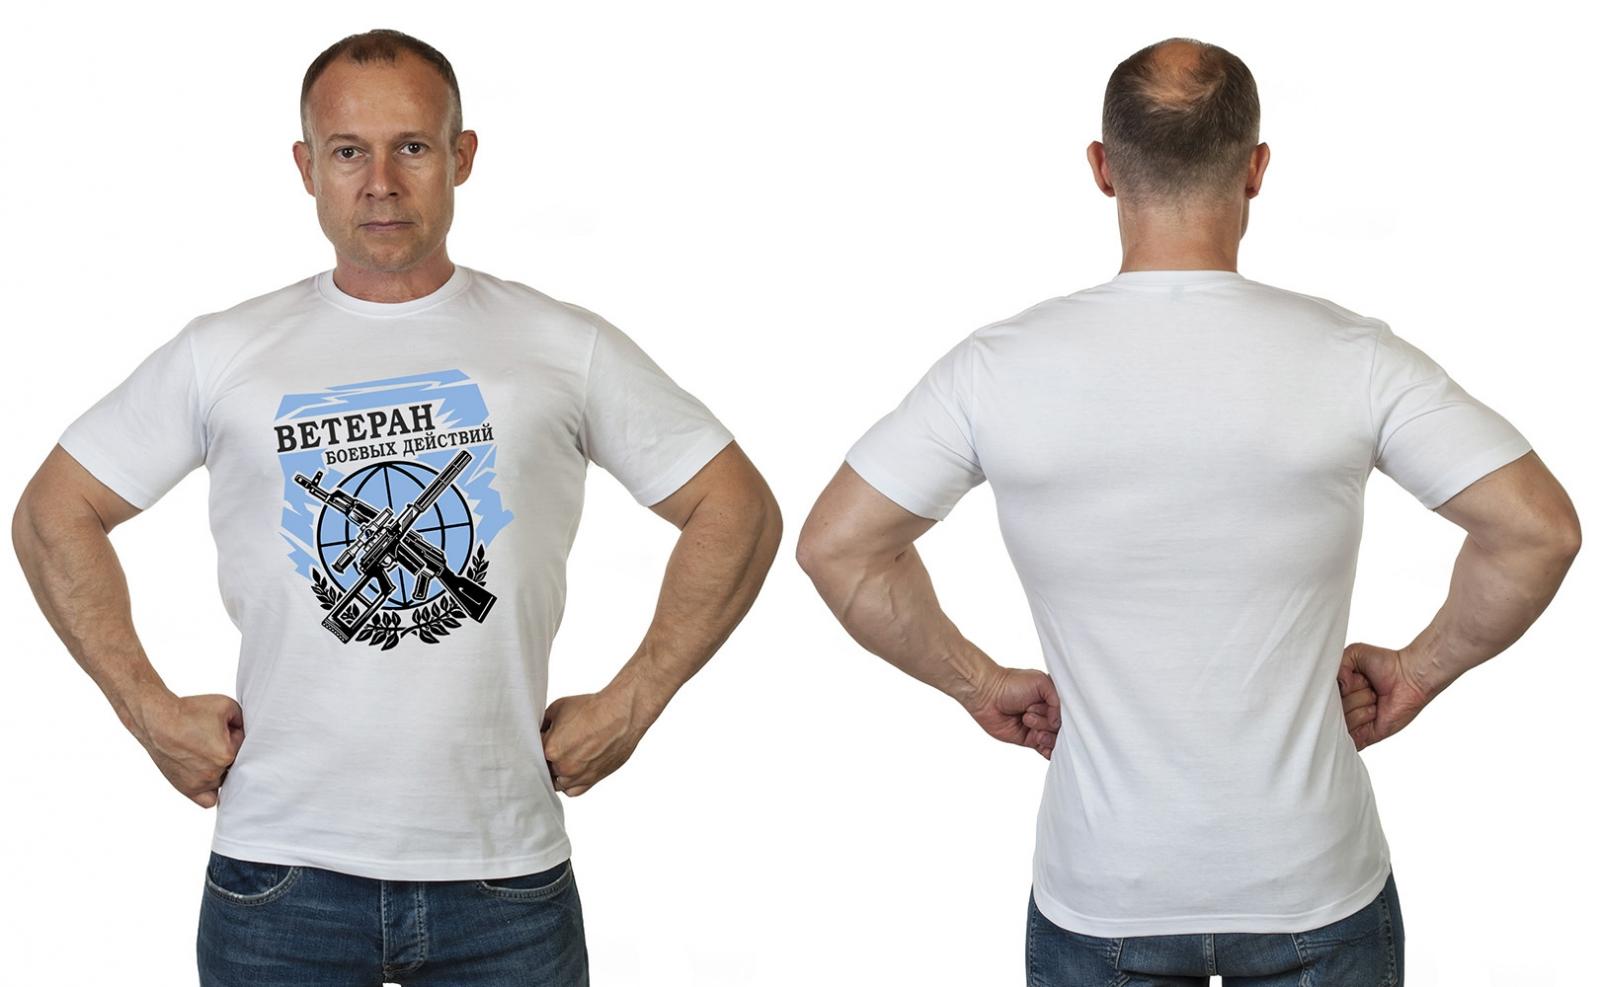 Белая классическая футболка Ветеран боевых действий - купить в Военпро